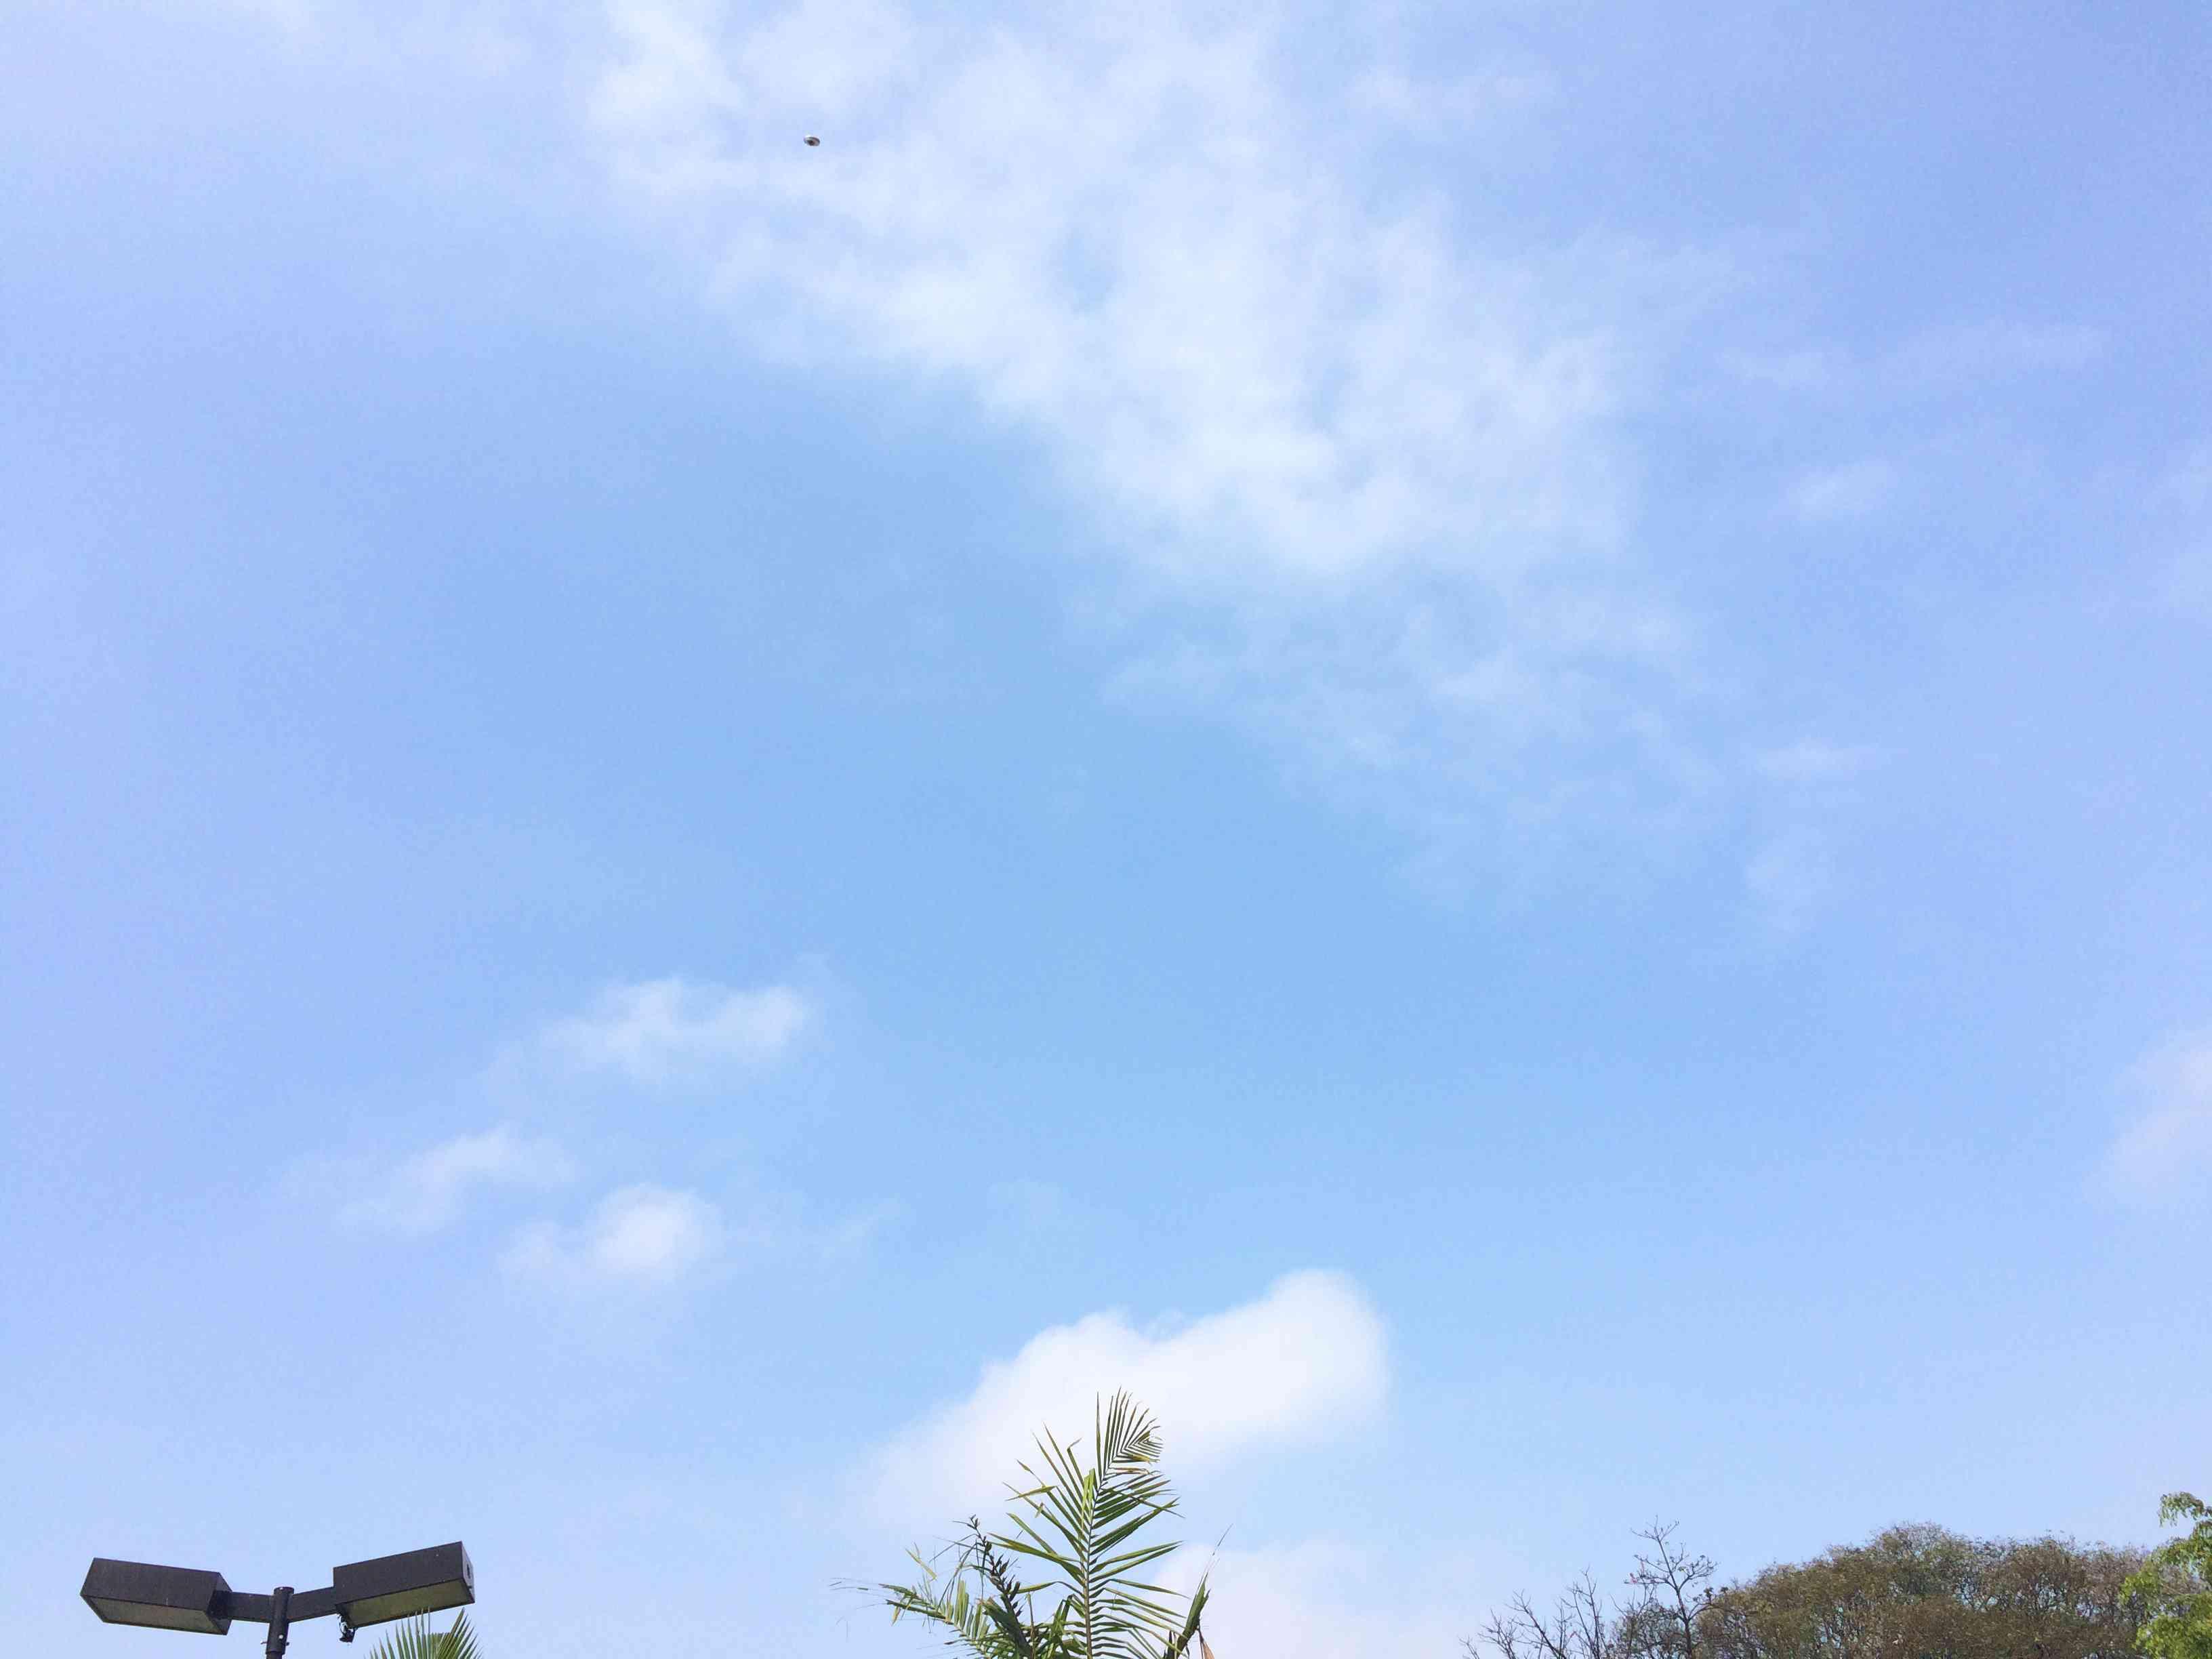 IMG 5880 Análise da fotografia de um Ufo